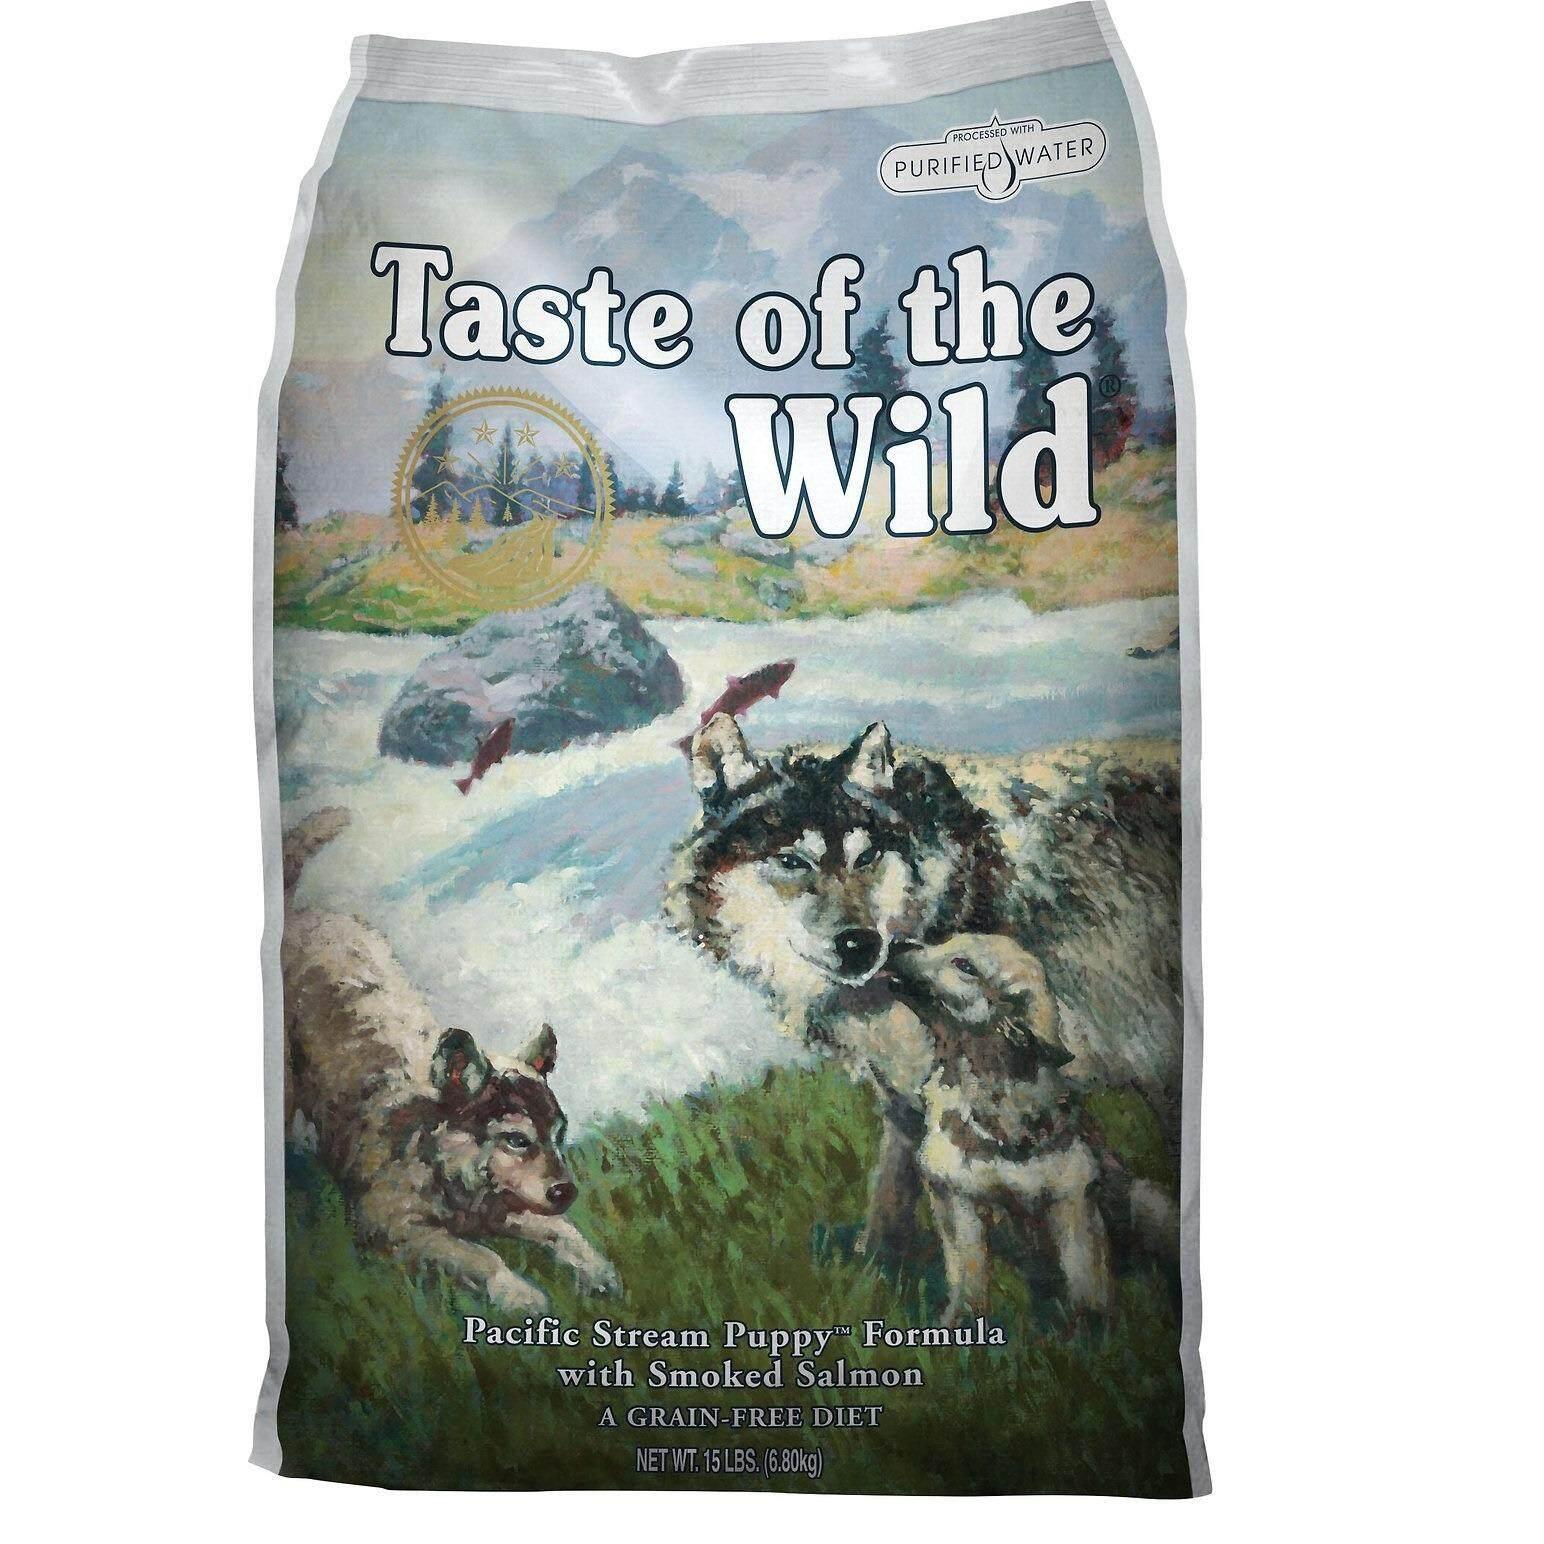 ทบทวน Taste Of The Wild Puppy Smoked Salmon อาหารลูกสุนัข ทำจากแซลมอน ขนาด 30Lb หรือ 13 6Kg Taste Of The Wild